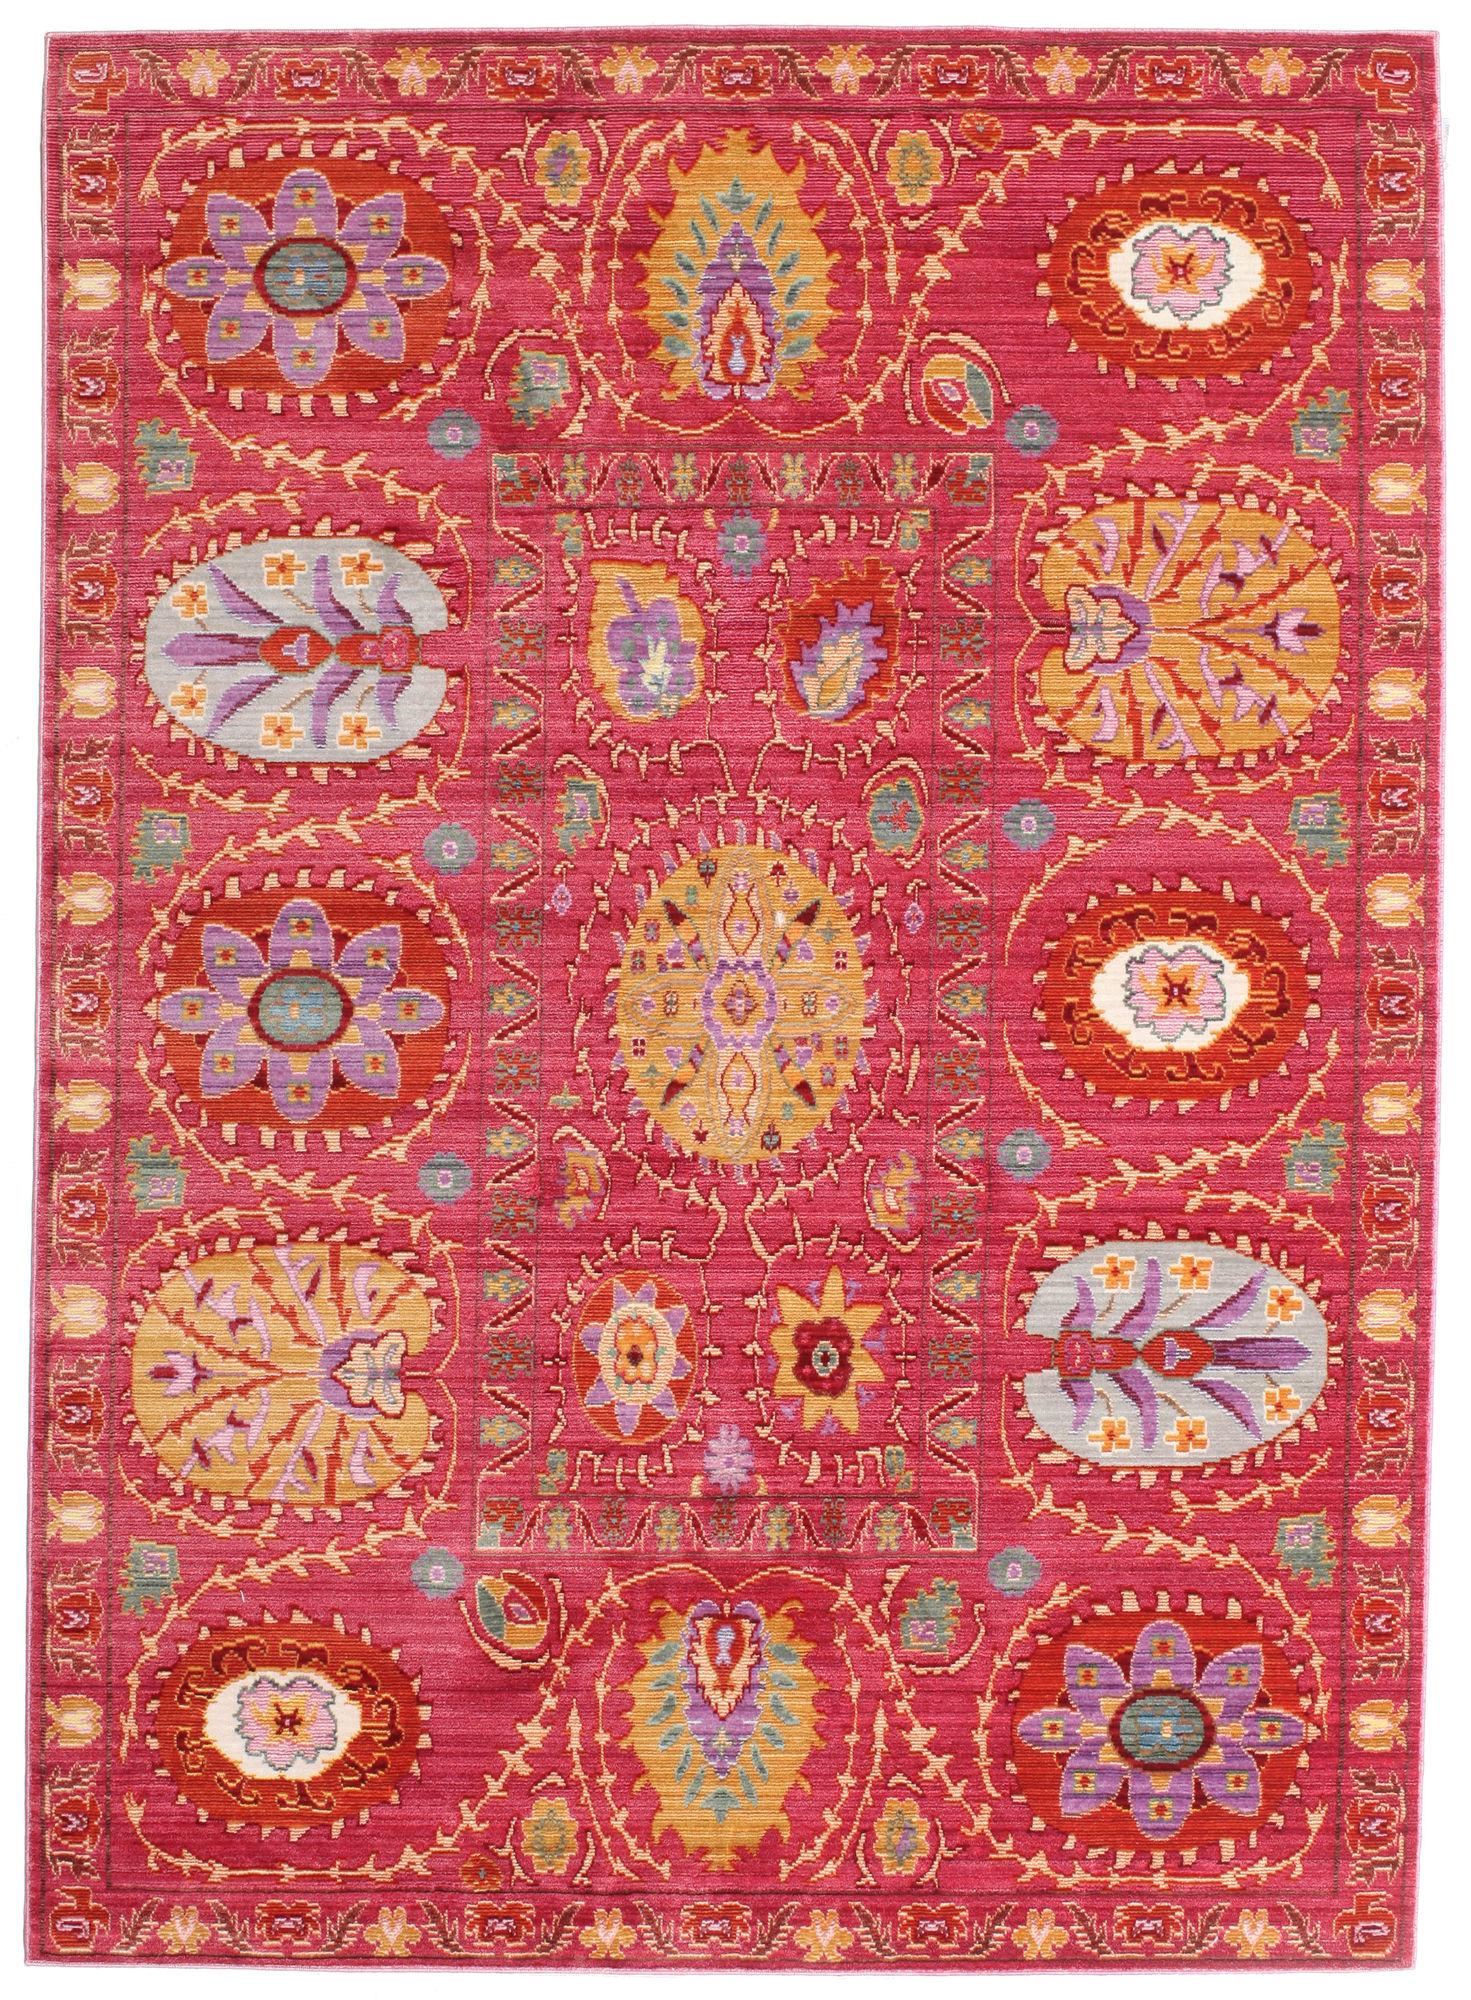 rødt tæppe med mønster, indian style, bolig, indretning. Foto: rugvista)